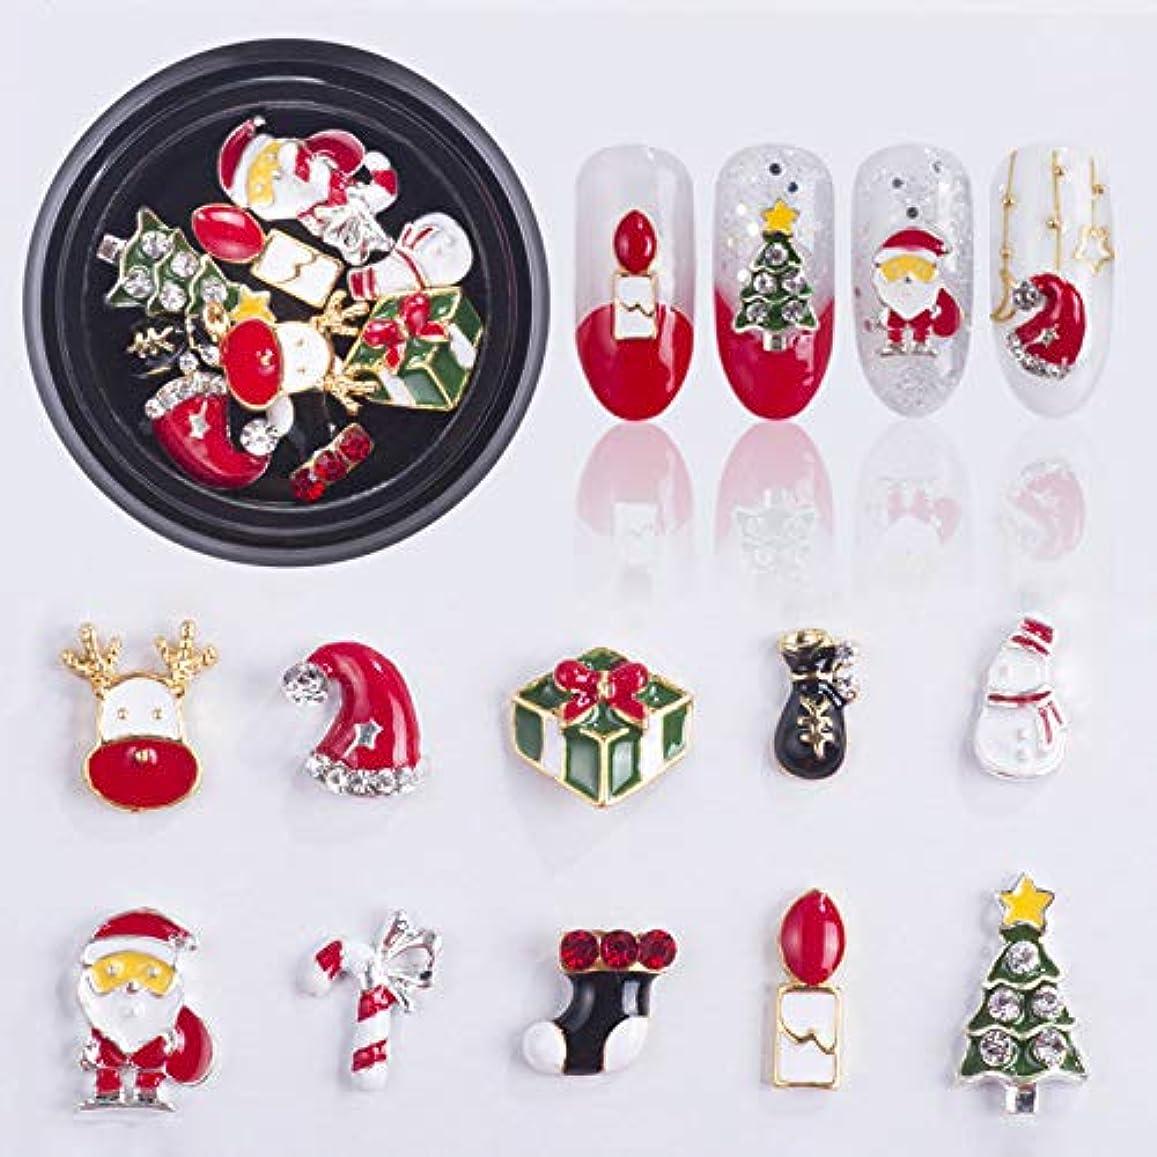 流出縫うポーズ1個ックスクリスマスクリスマスジュエリーミックスツリー雪だるまネイルアート装飾合金金属DIY 3Dネイルラインストーンツール